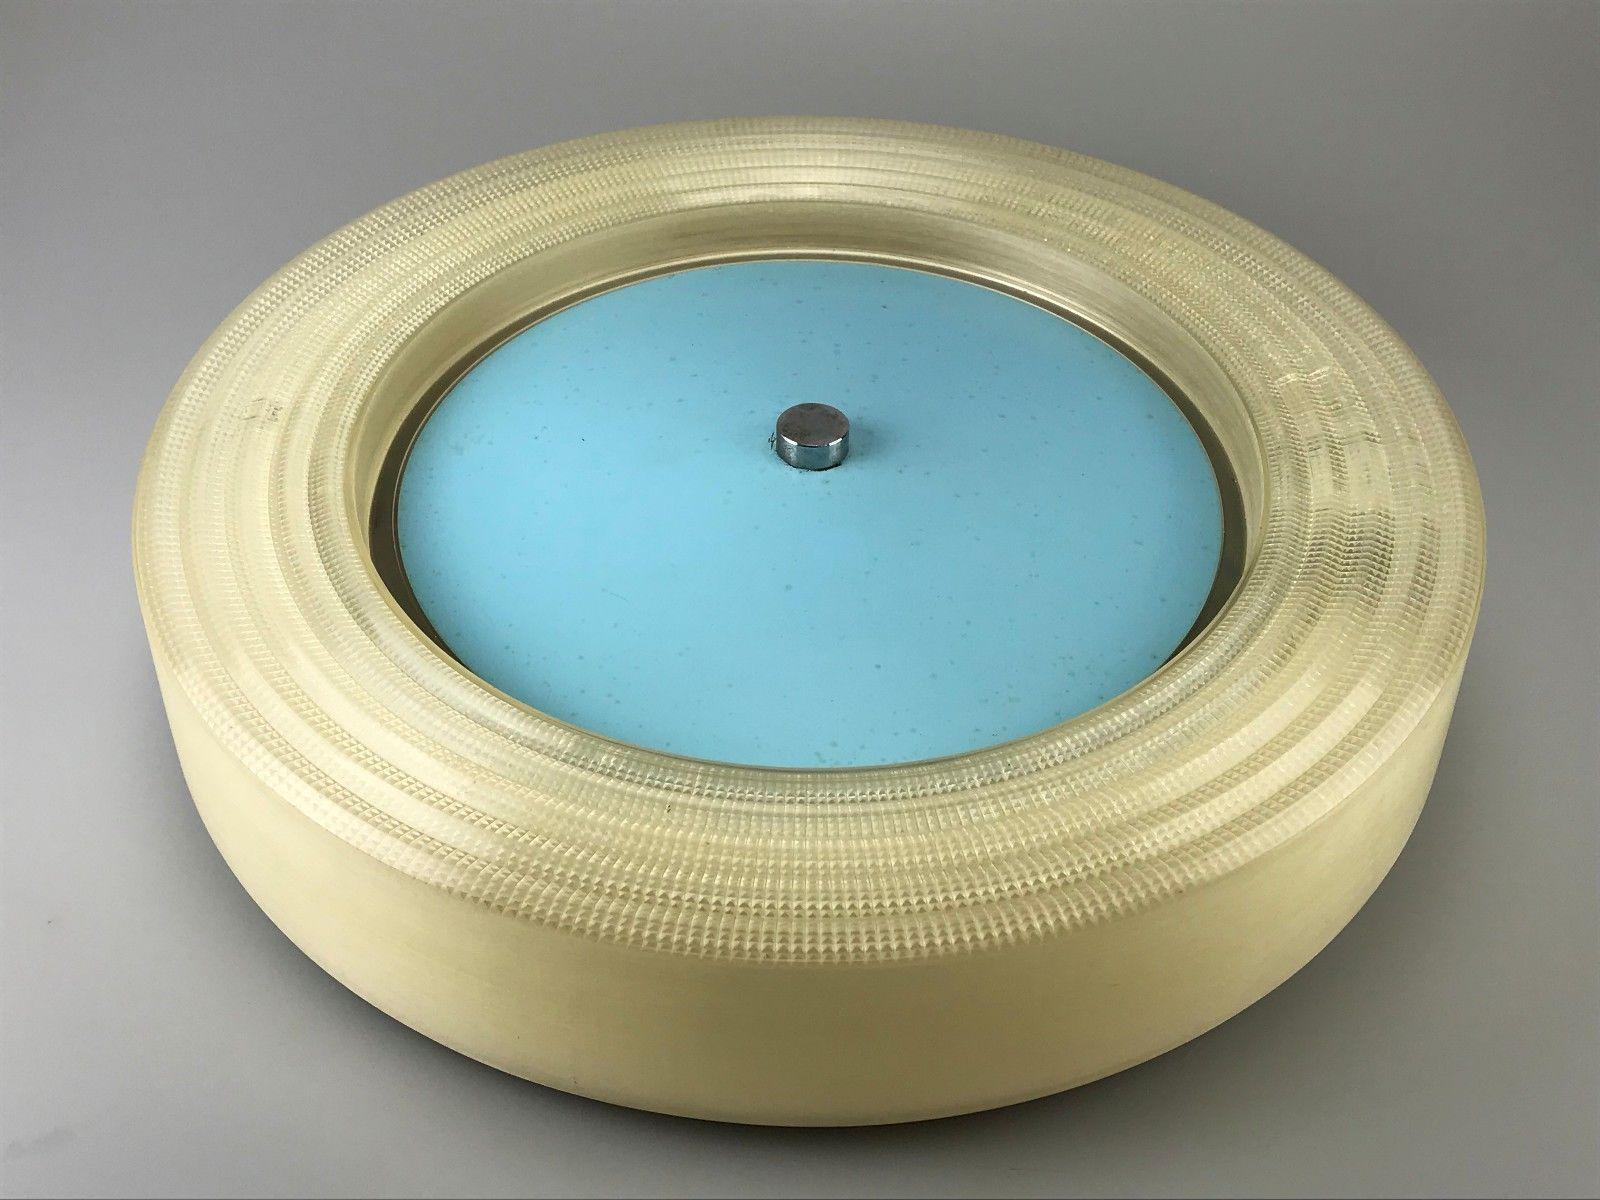 Deutsche Deckenlampe aus Kunststoff, 1960er